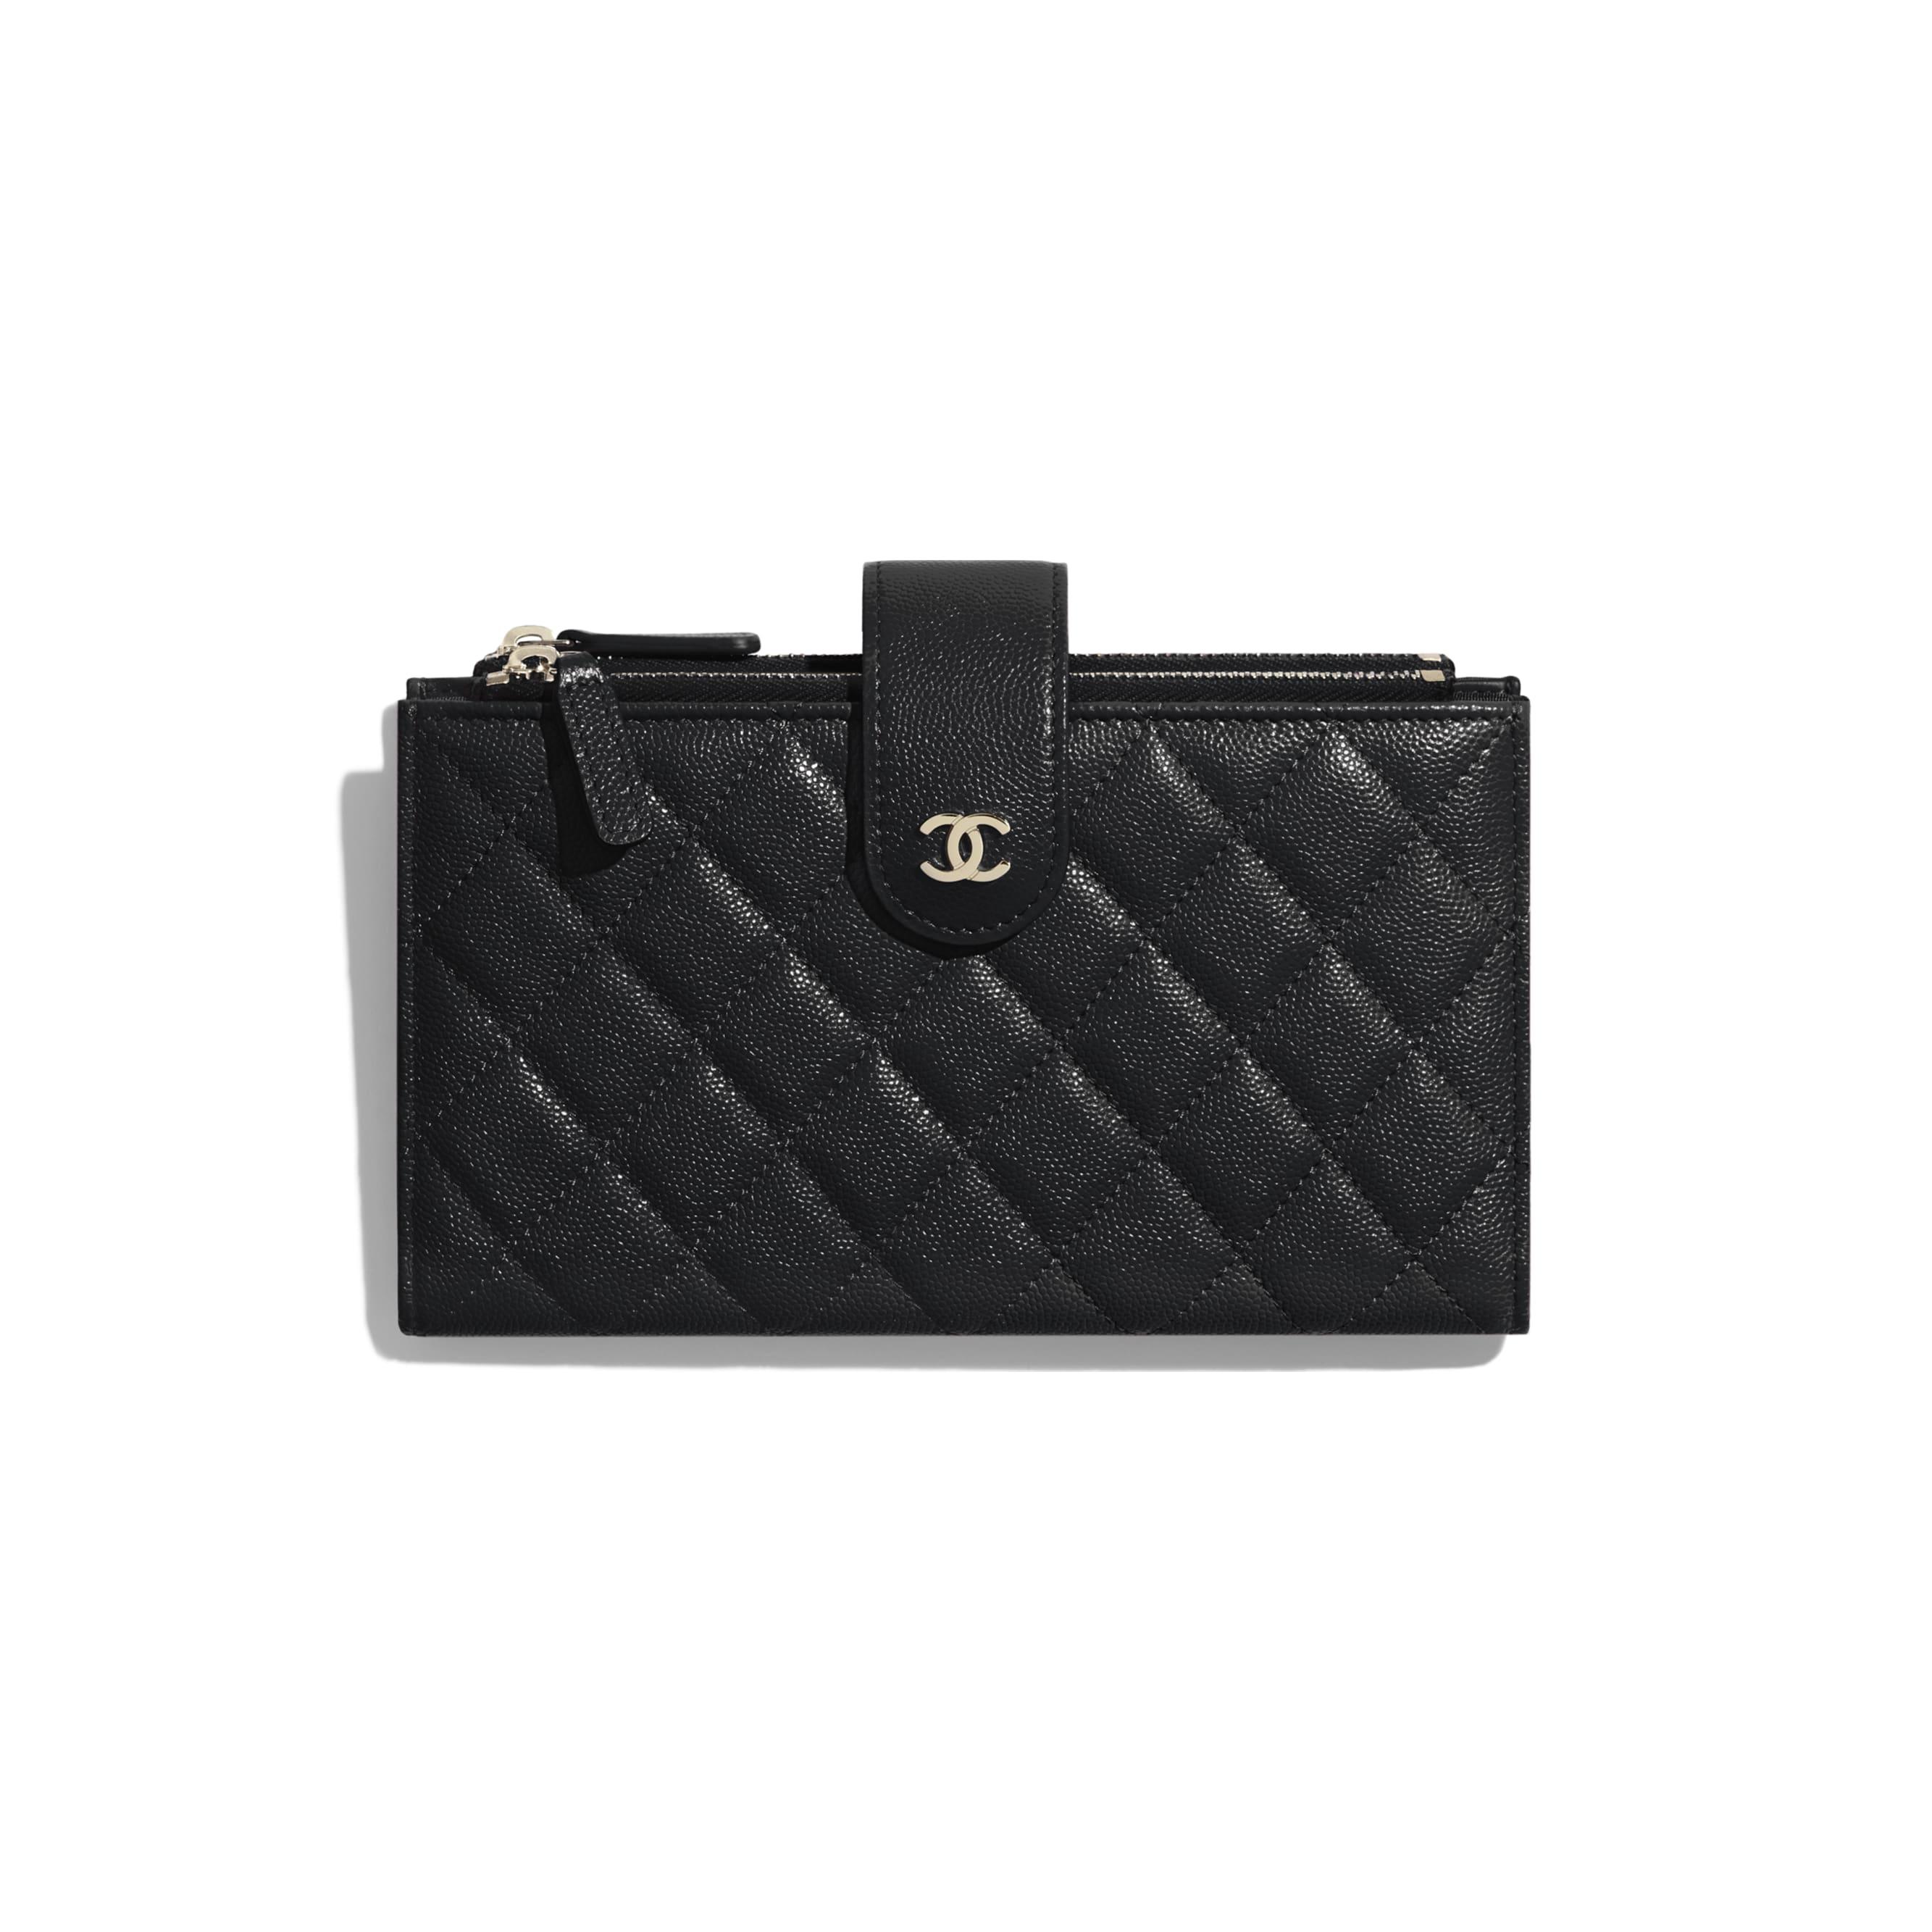 Long portefeuille zippé classique - Noir - Veau grainé & métal doré - CHANEL - Vue par défaut - voir la version taille standard